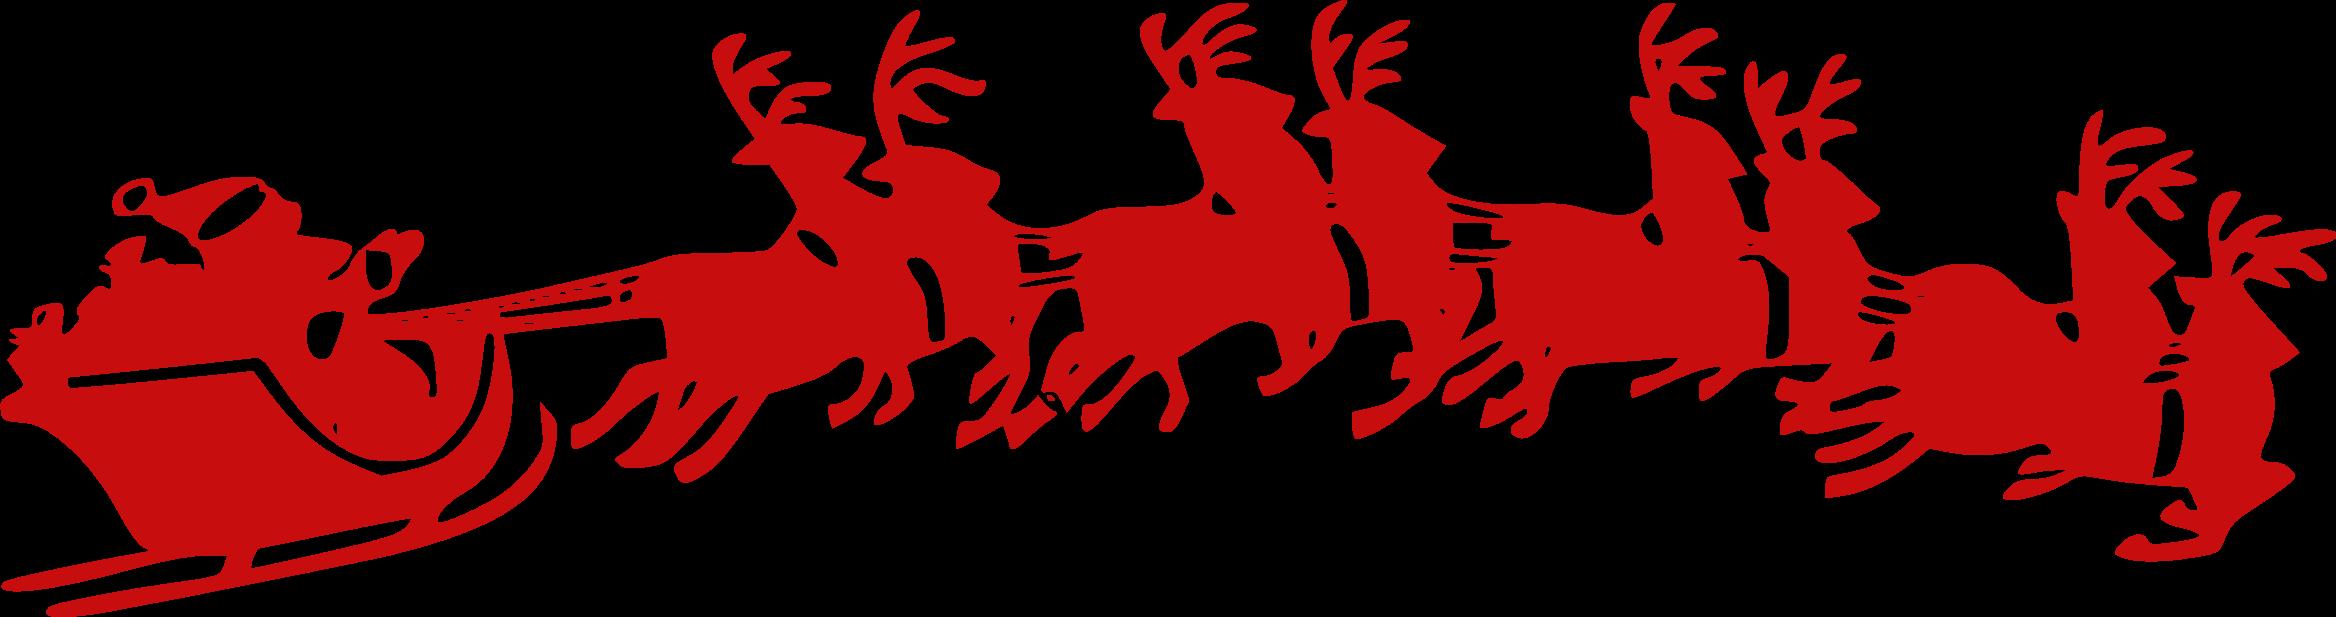 Sleigh clipart santa sleigh Sleigh Santa's Sleigh Santa's Clipart